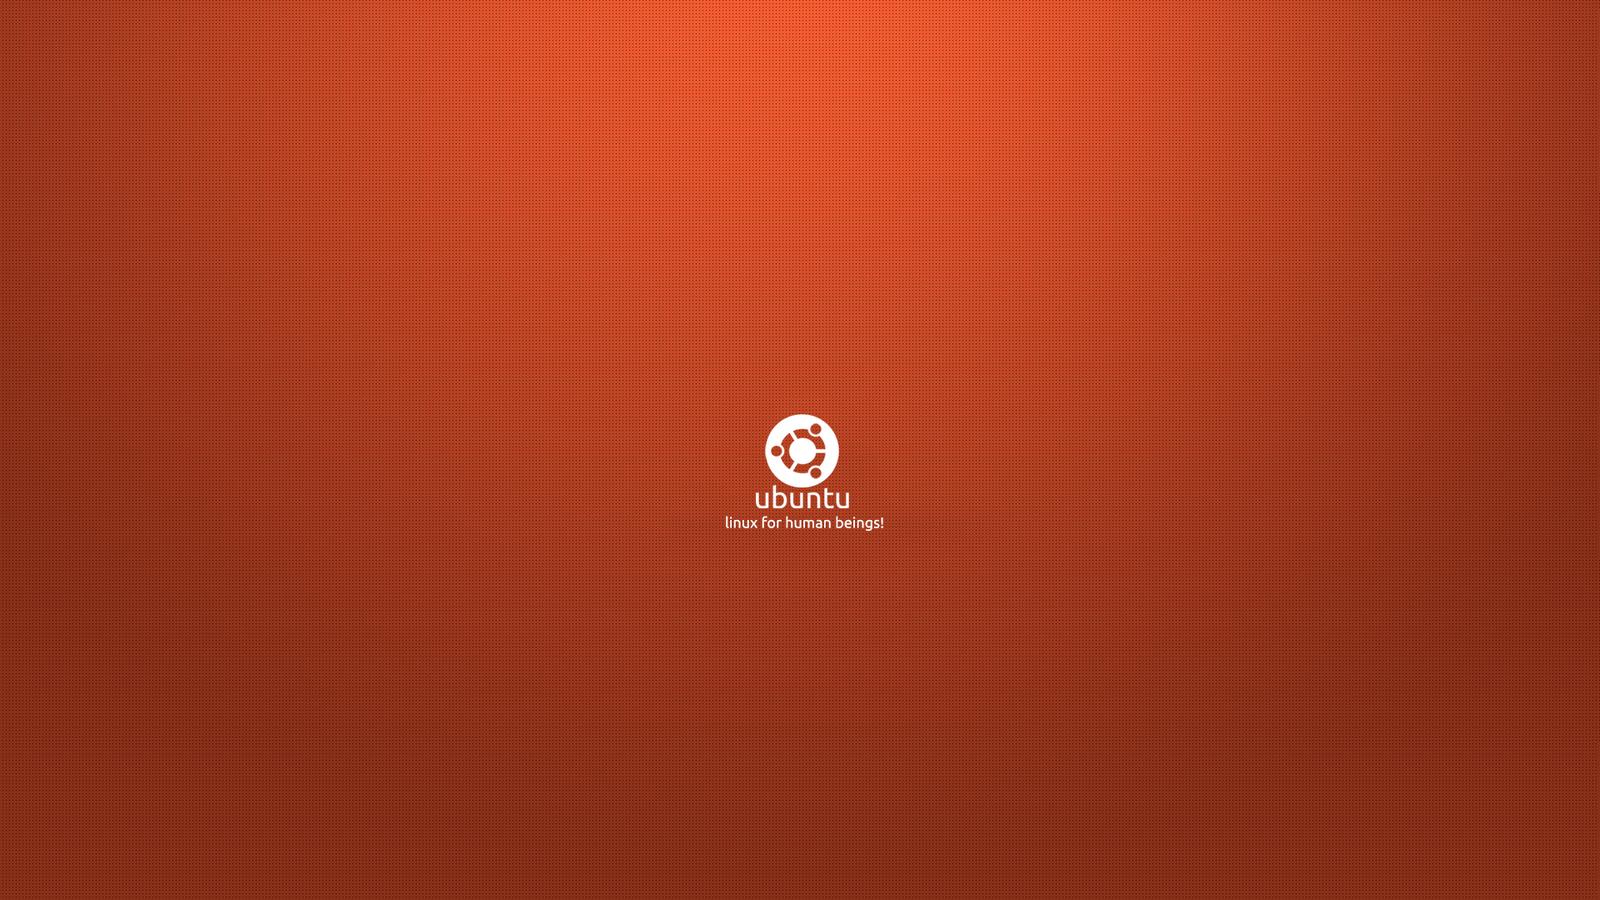 http://1.bp.blogspot.com/-izQ__H98xUE/Tz1-4CMdV3I/AAAAAAAAEy4/deia_8FzA3I/s1600/Ubuntu_Wallpaper_01.png